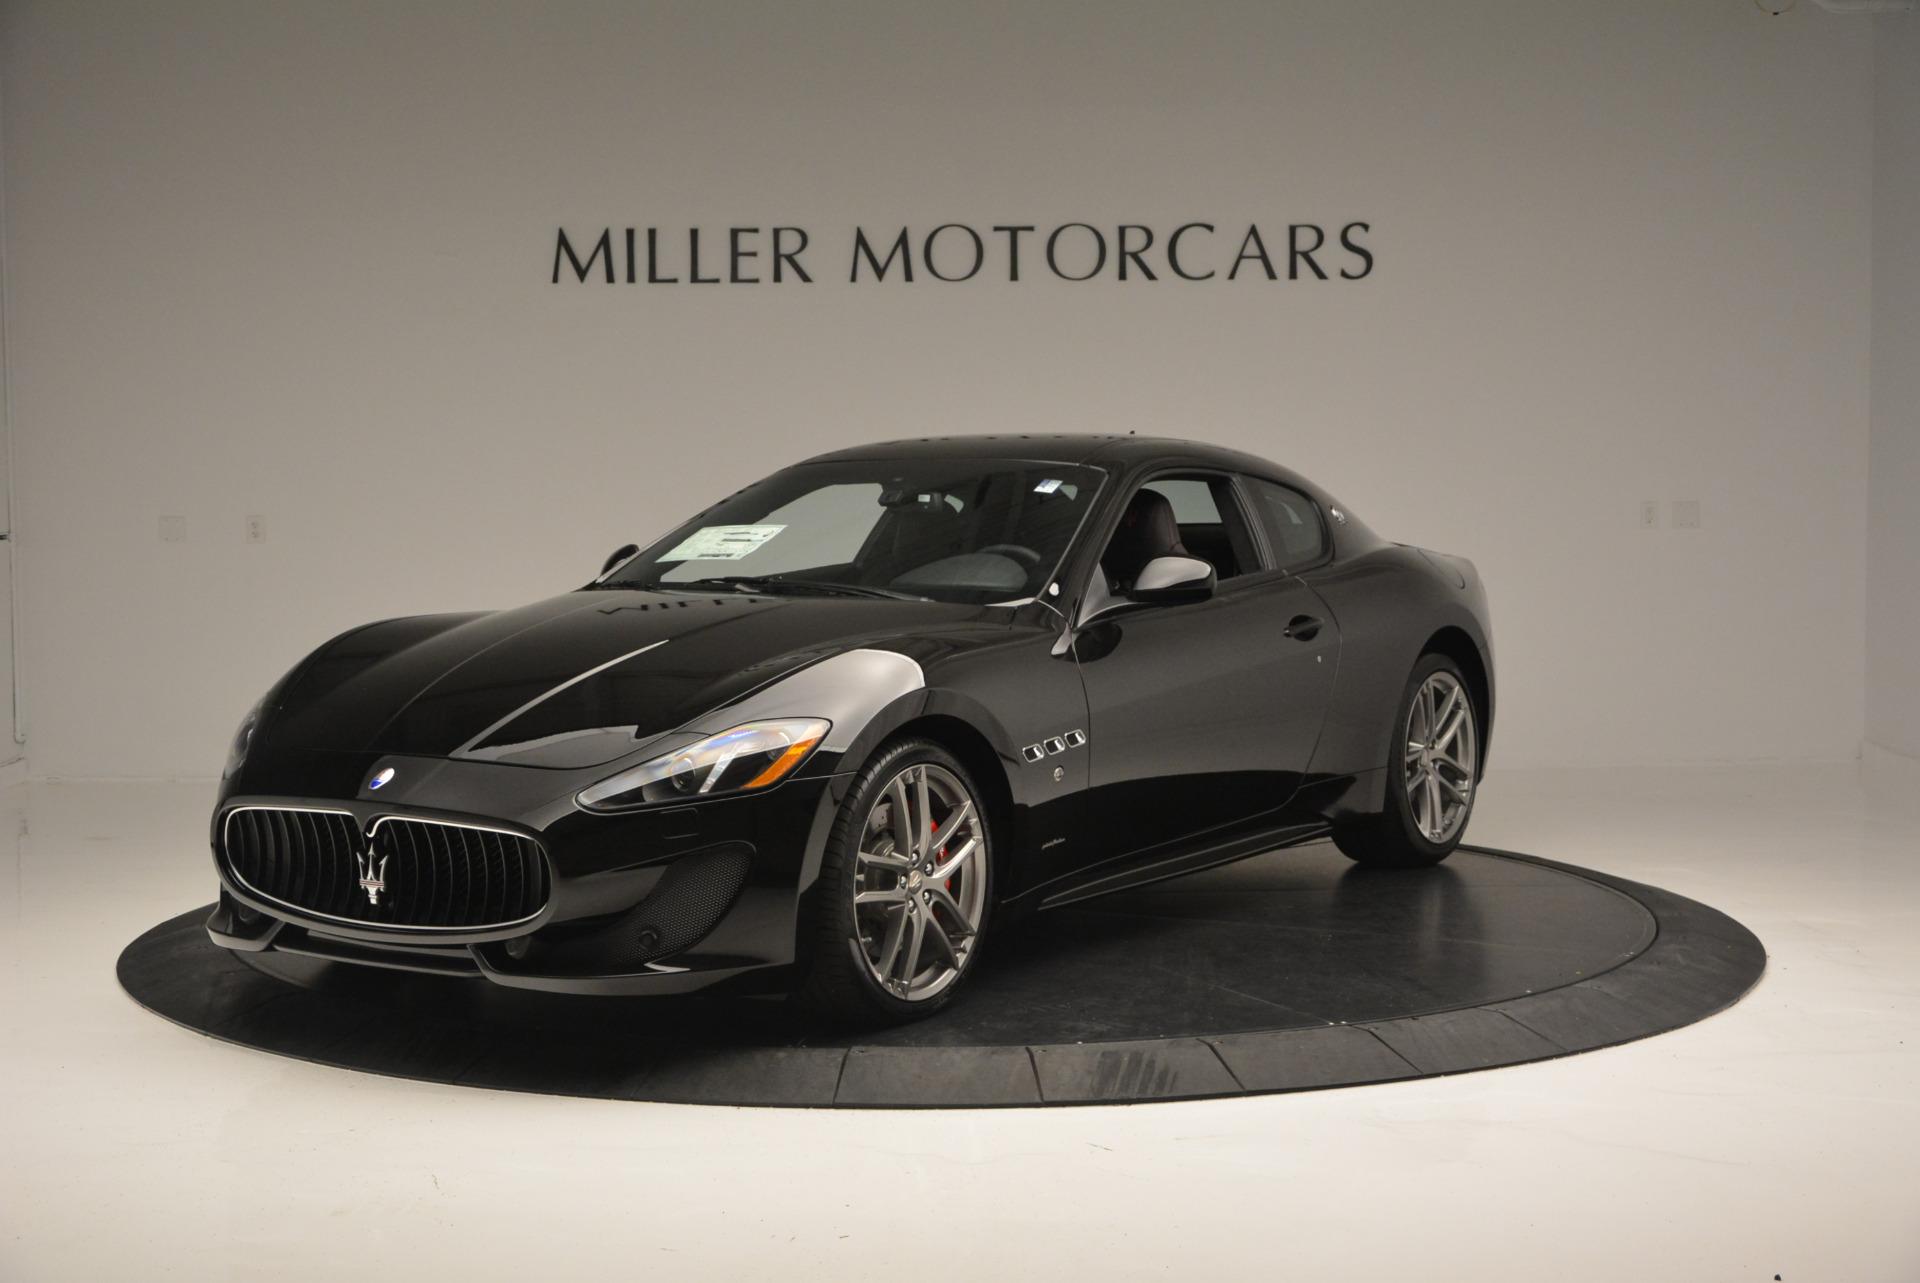 New 2016 Maserati GranTurismo Sport For Sale In Greenwich, CT 592_main